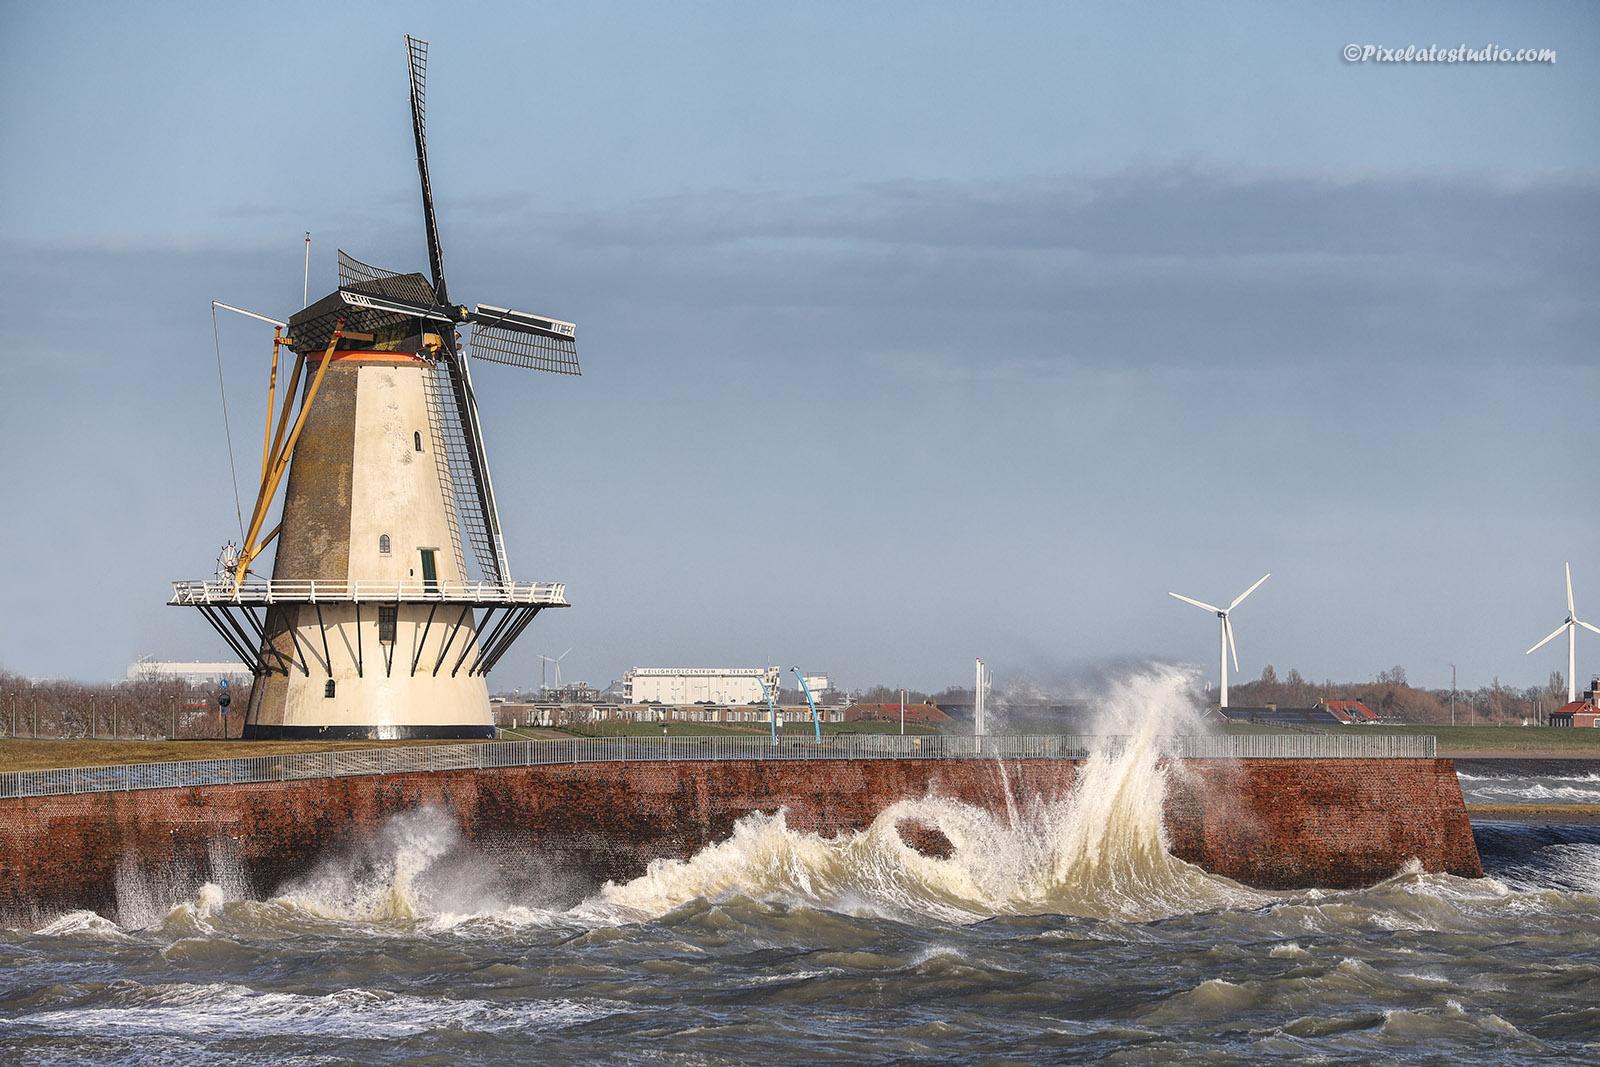 foto van de molen van Vlissingen in de storm